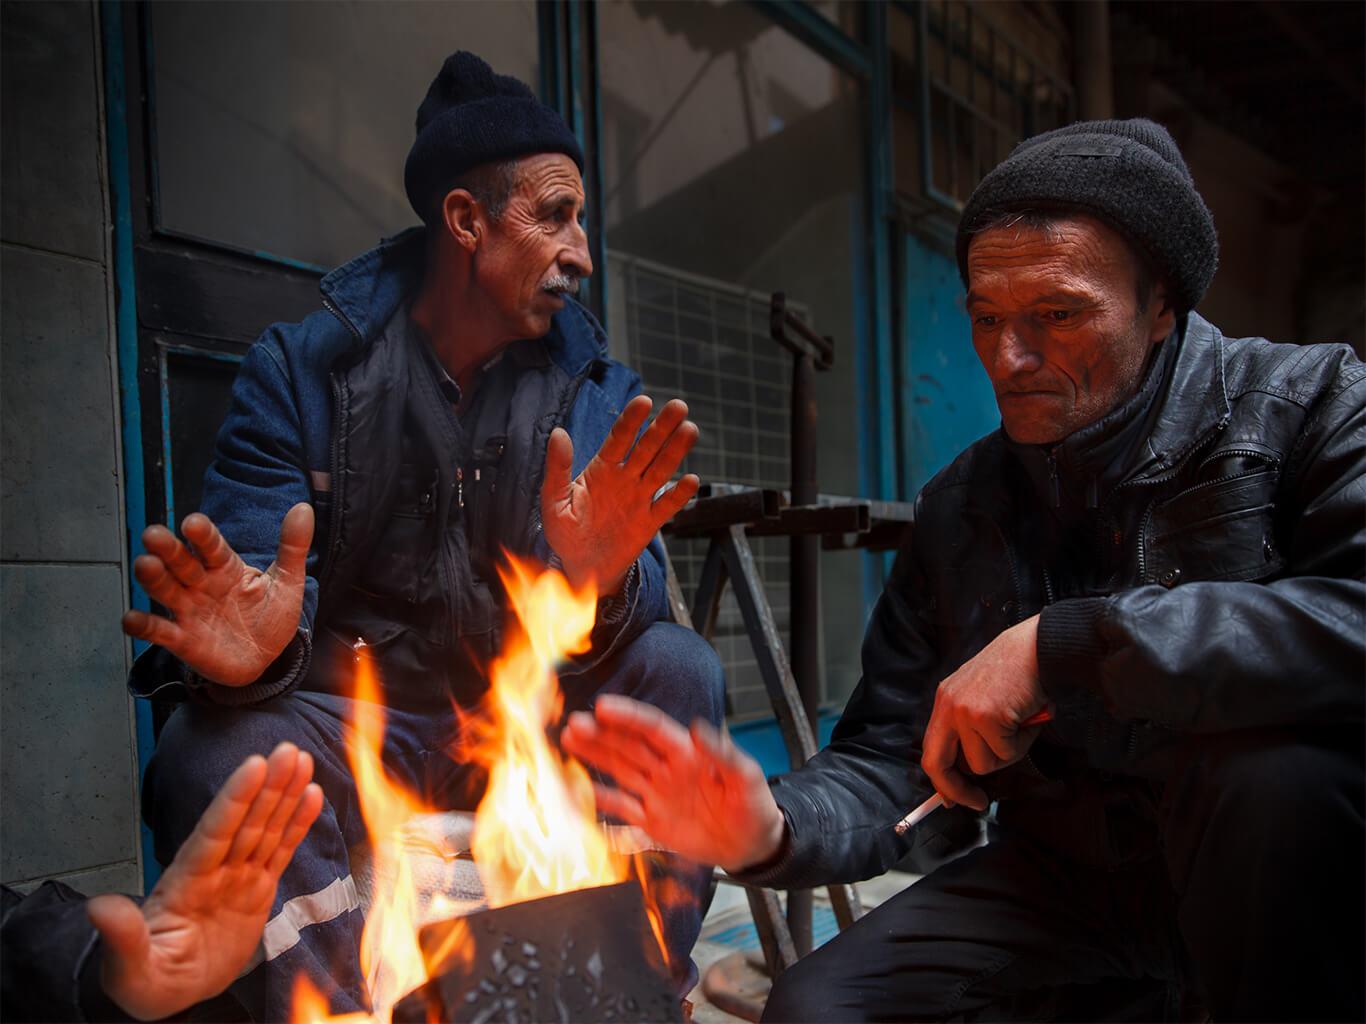 İstanbul sokaklarında temizlik işçileri mola zamanından soğuk havada ısınmak için yaktıkları ateşin etrafında ısınmaya çalışıyorlar, Istanbul Fotoğraf Turları, Fotoğraf Gezileri ve Fotoğrafçılık Eğitimi